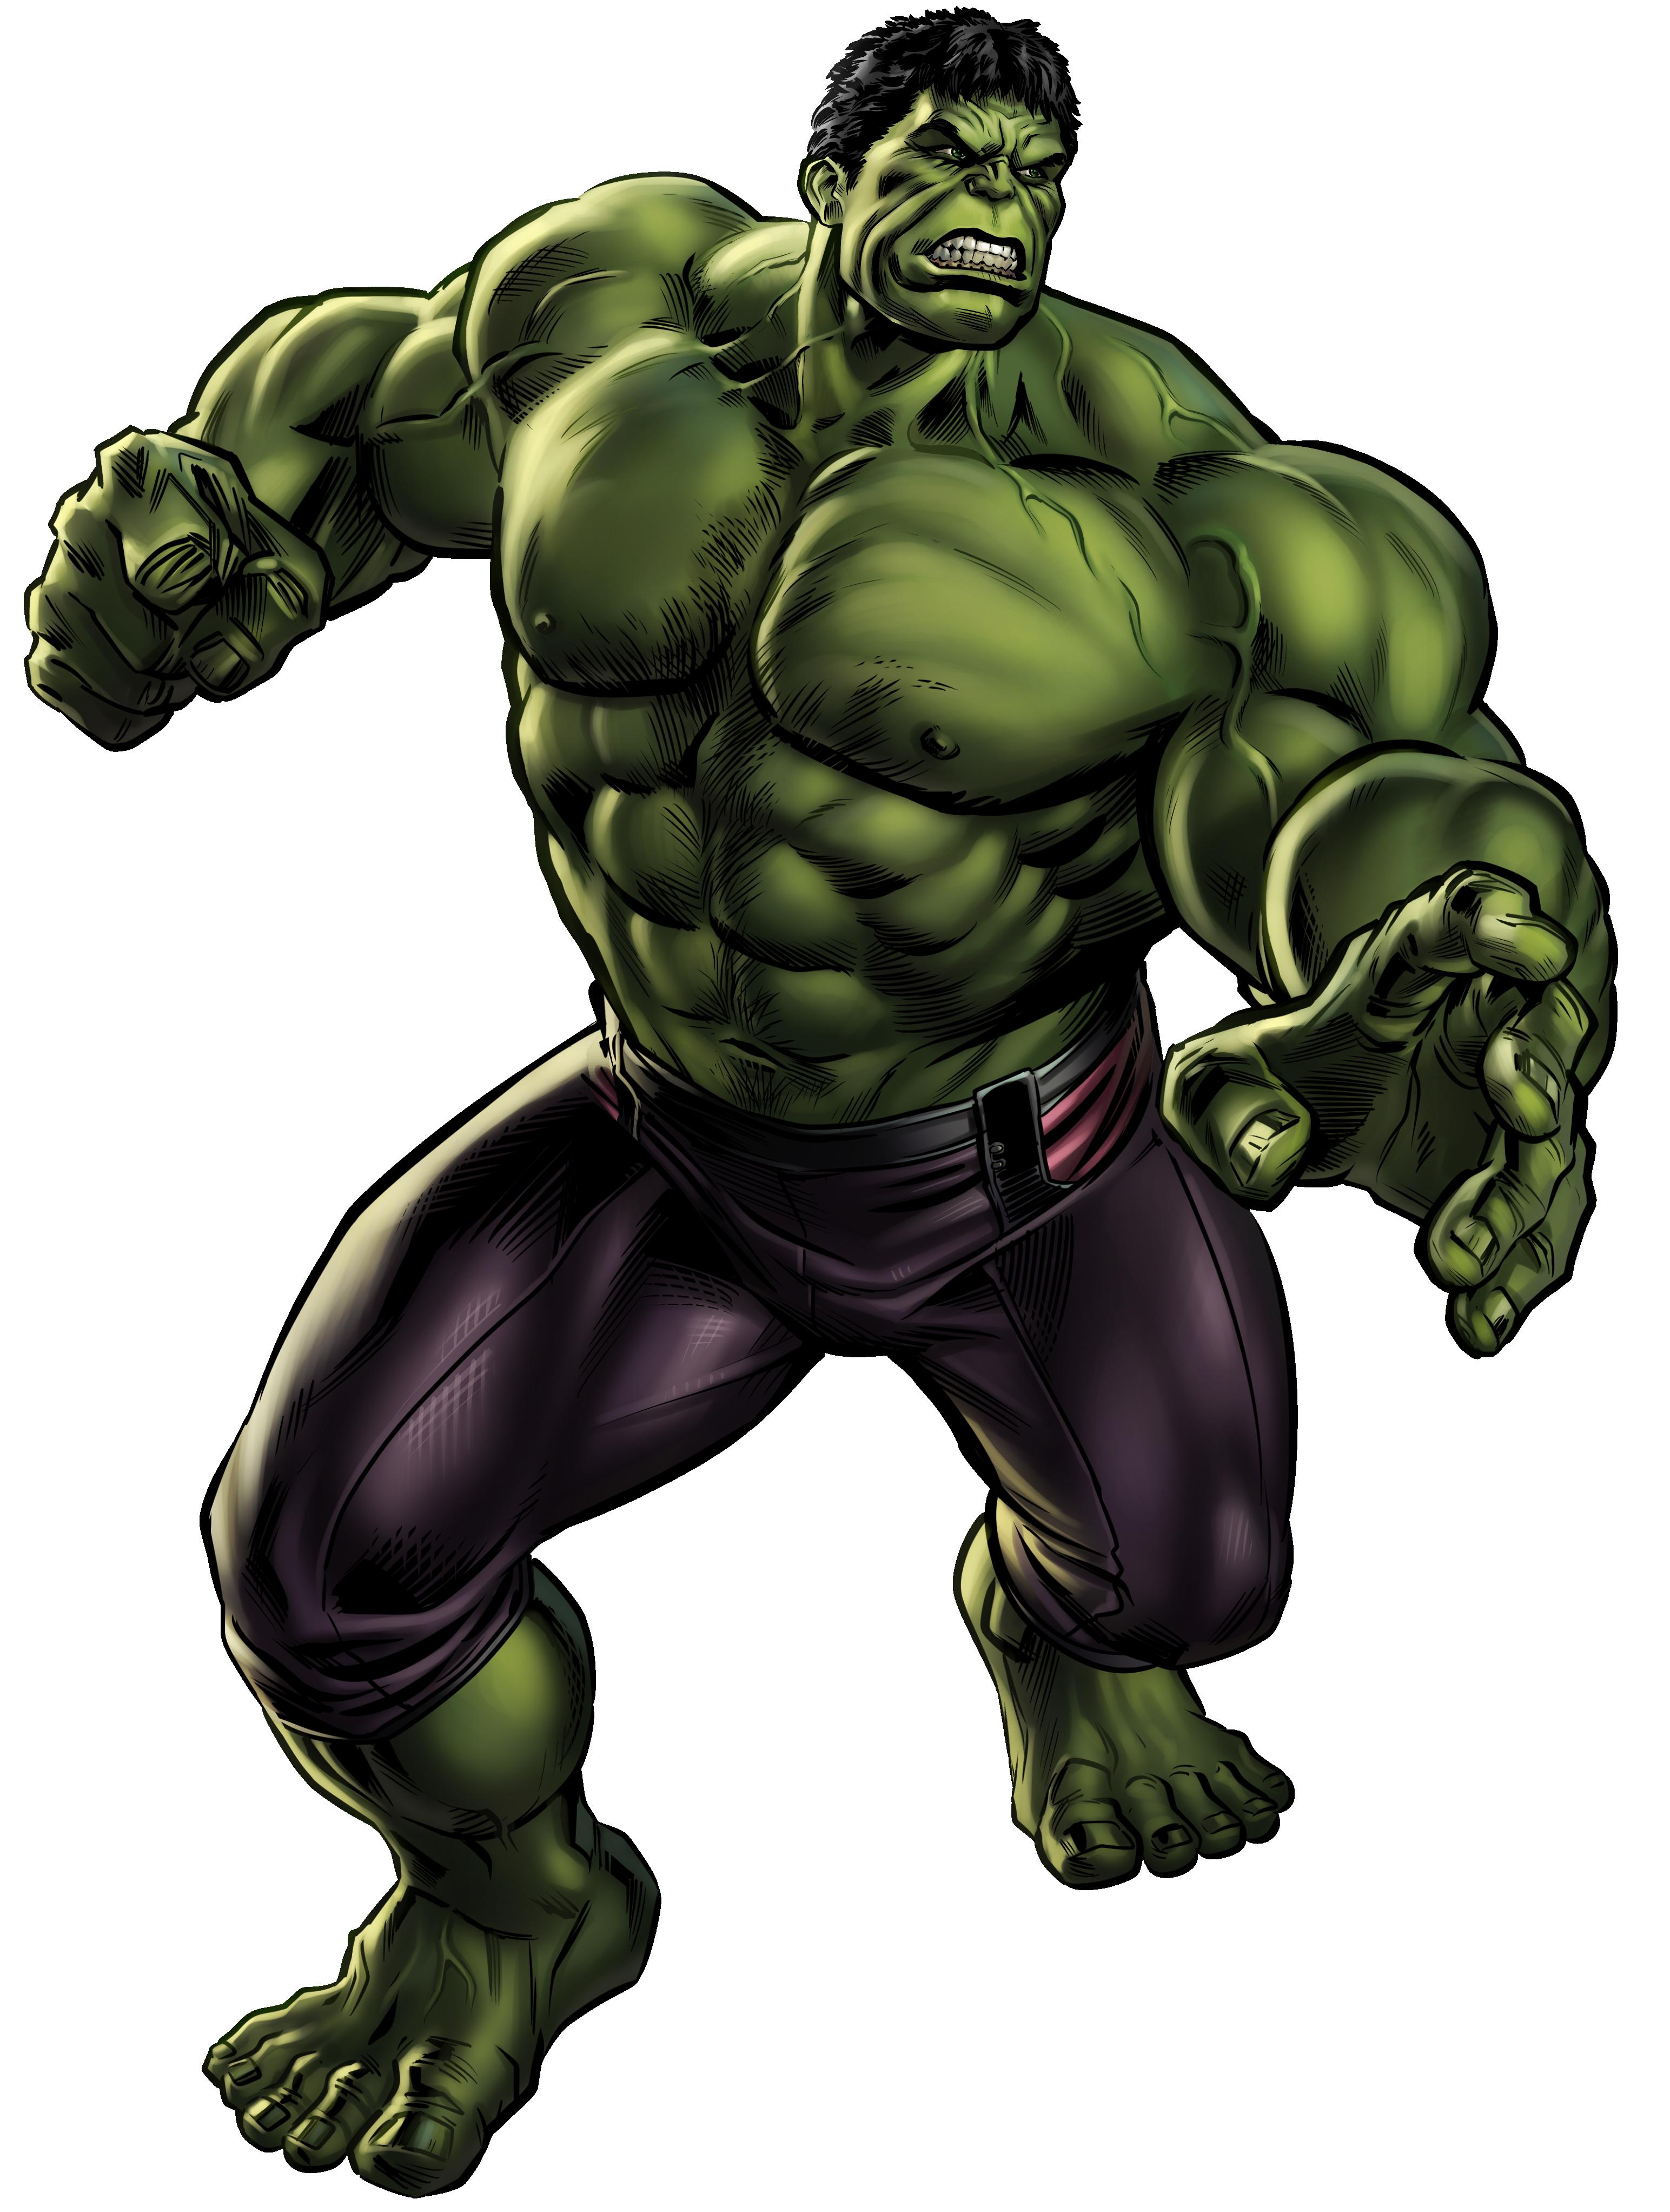 Marvel avengers alliance 2 hulk by steeven7620 on deviantart